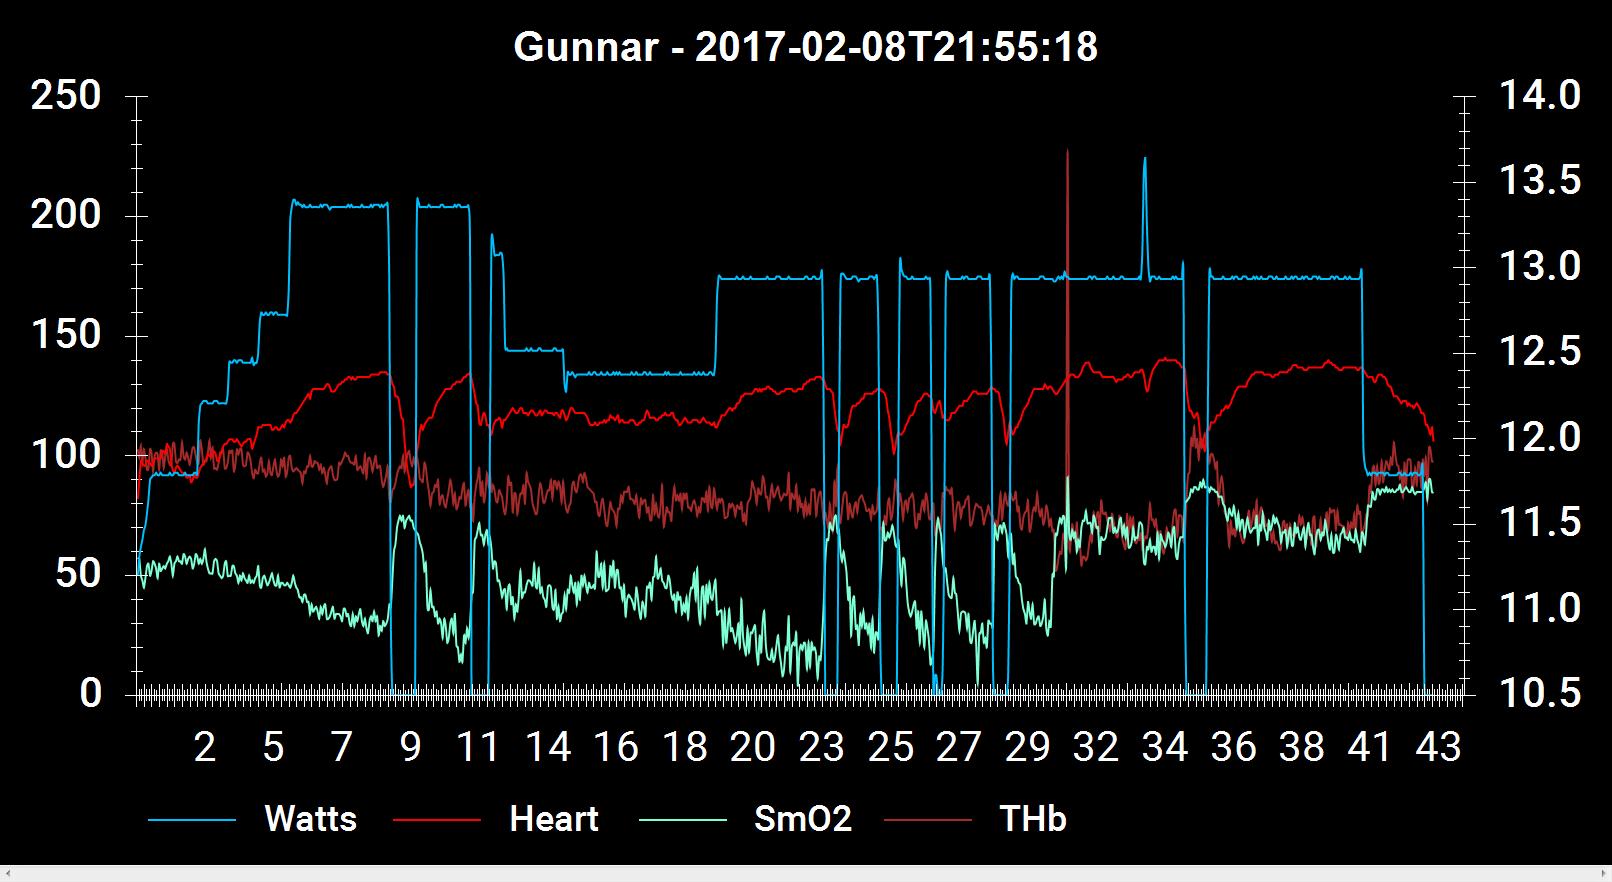 Gunnar - 2017-02-08T21-55-18 - Snapshot.png